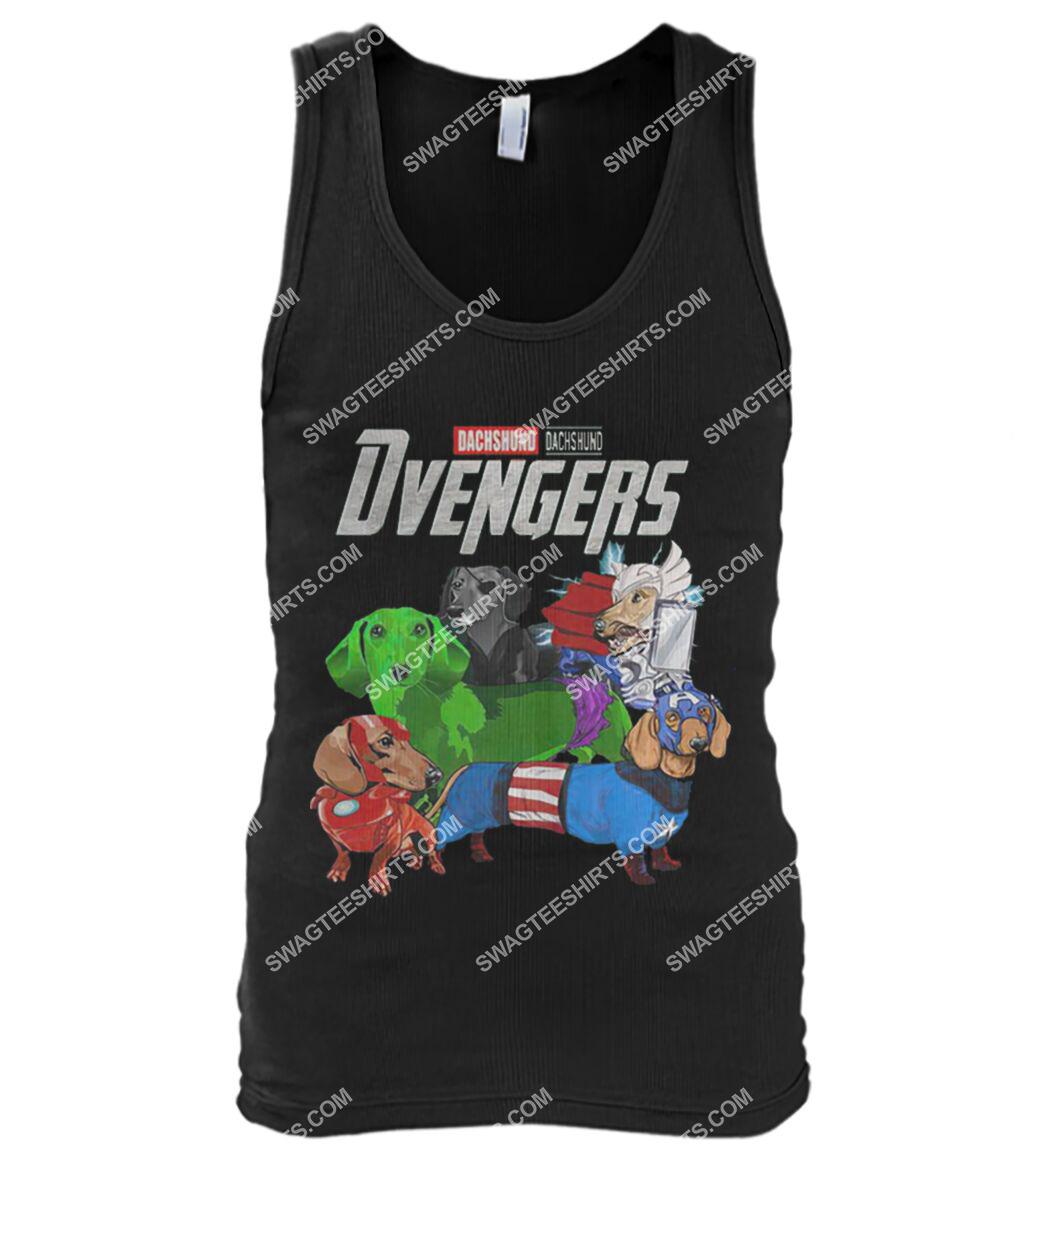 dachshund dvengers marvel avengers dogs lover tank top 1